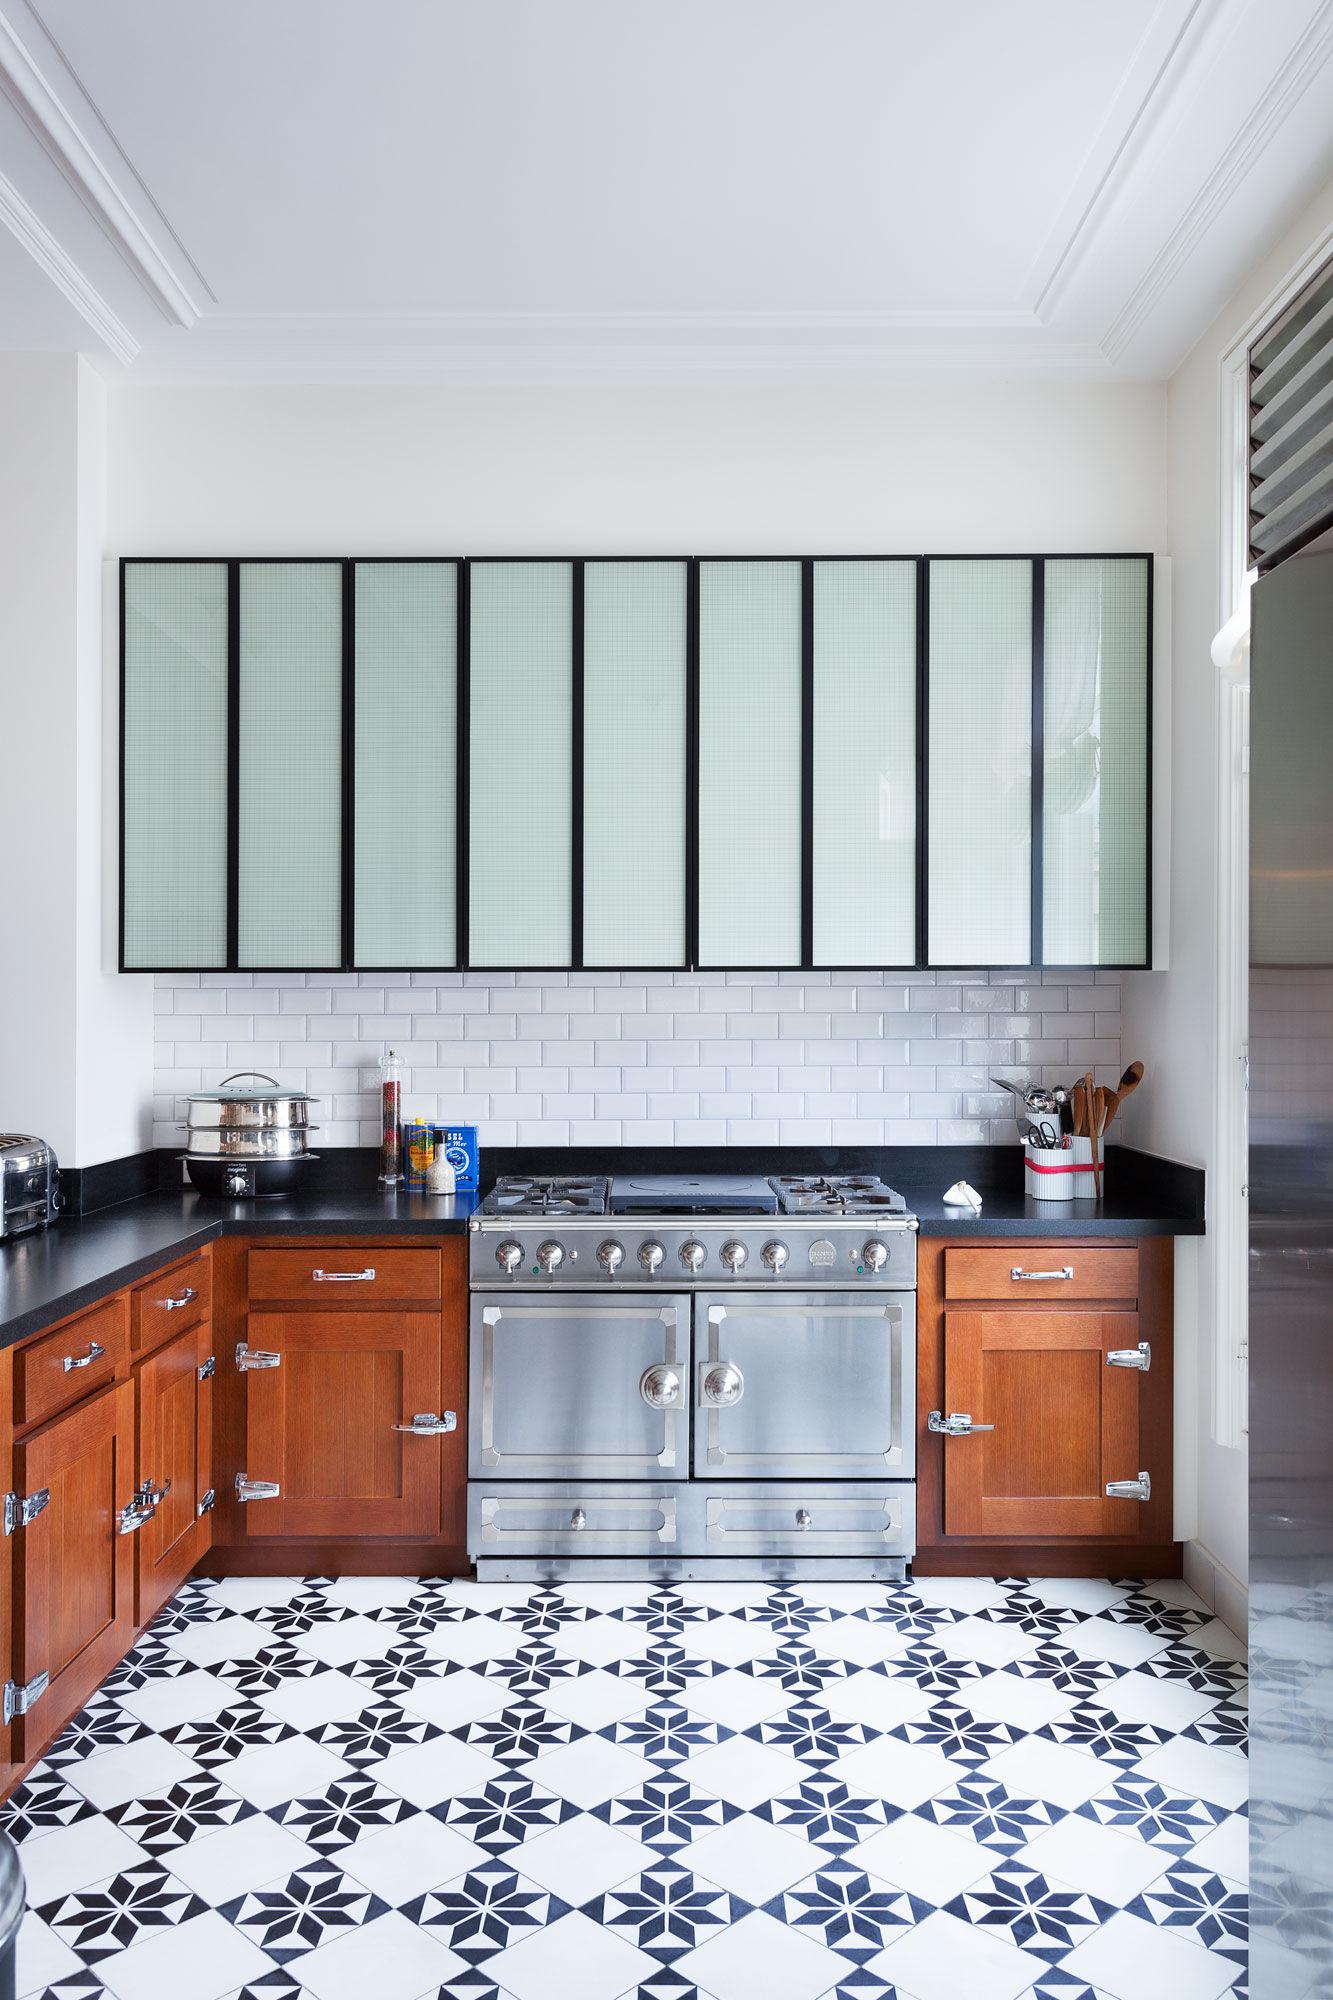 Paris – Spoonful of Home Design